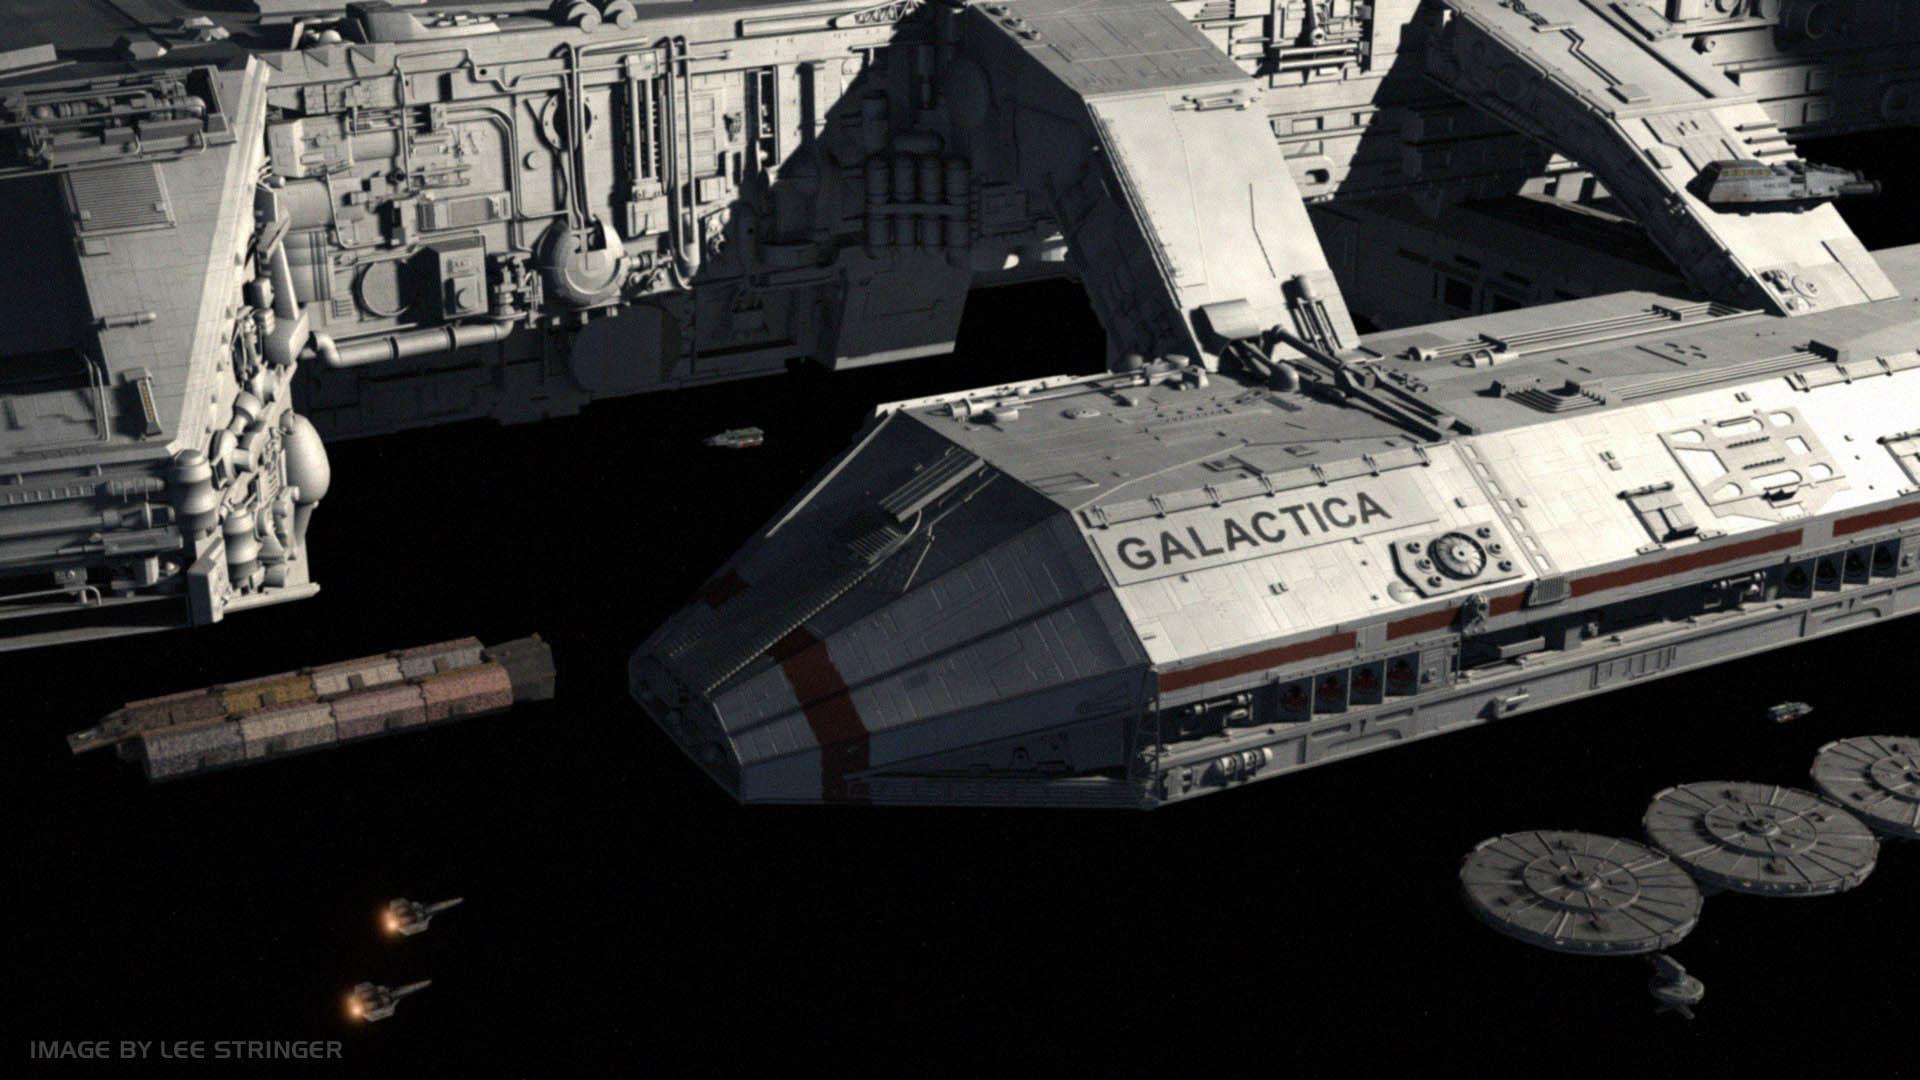 Battlestar Galactica Phone Wallpaper Battlestar Galactica High Definition  HD Wallpaper